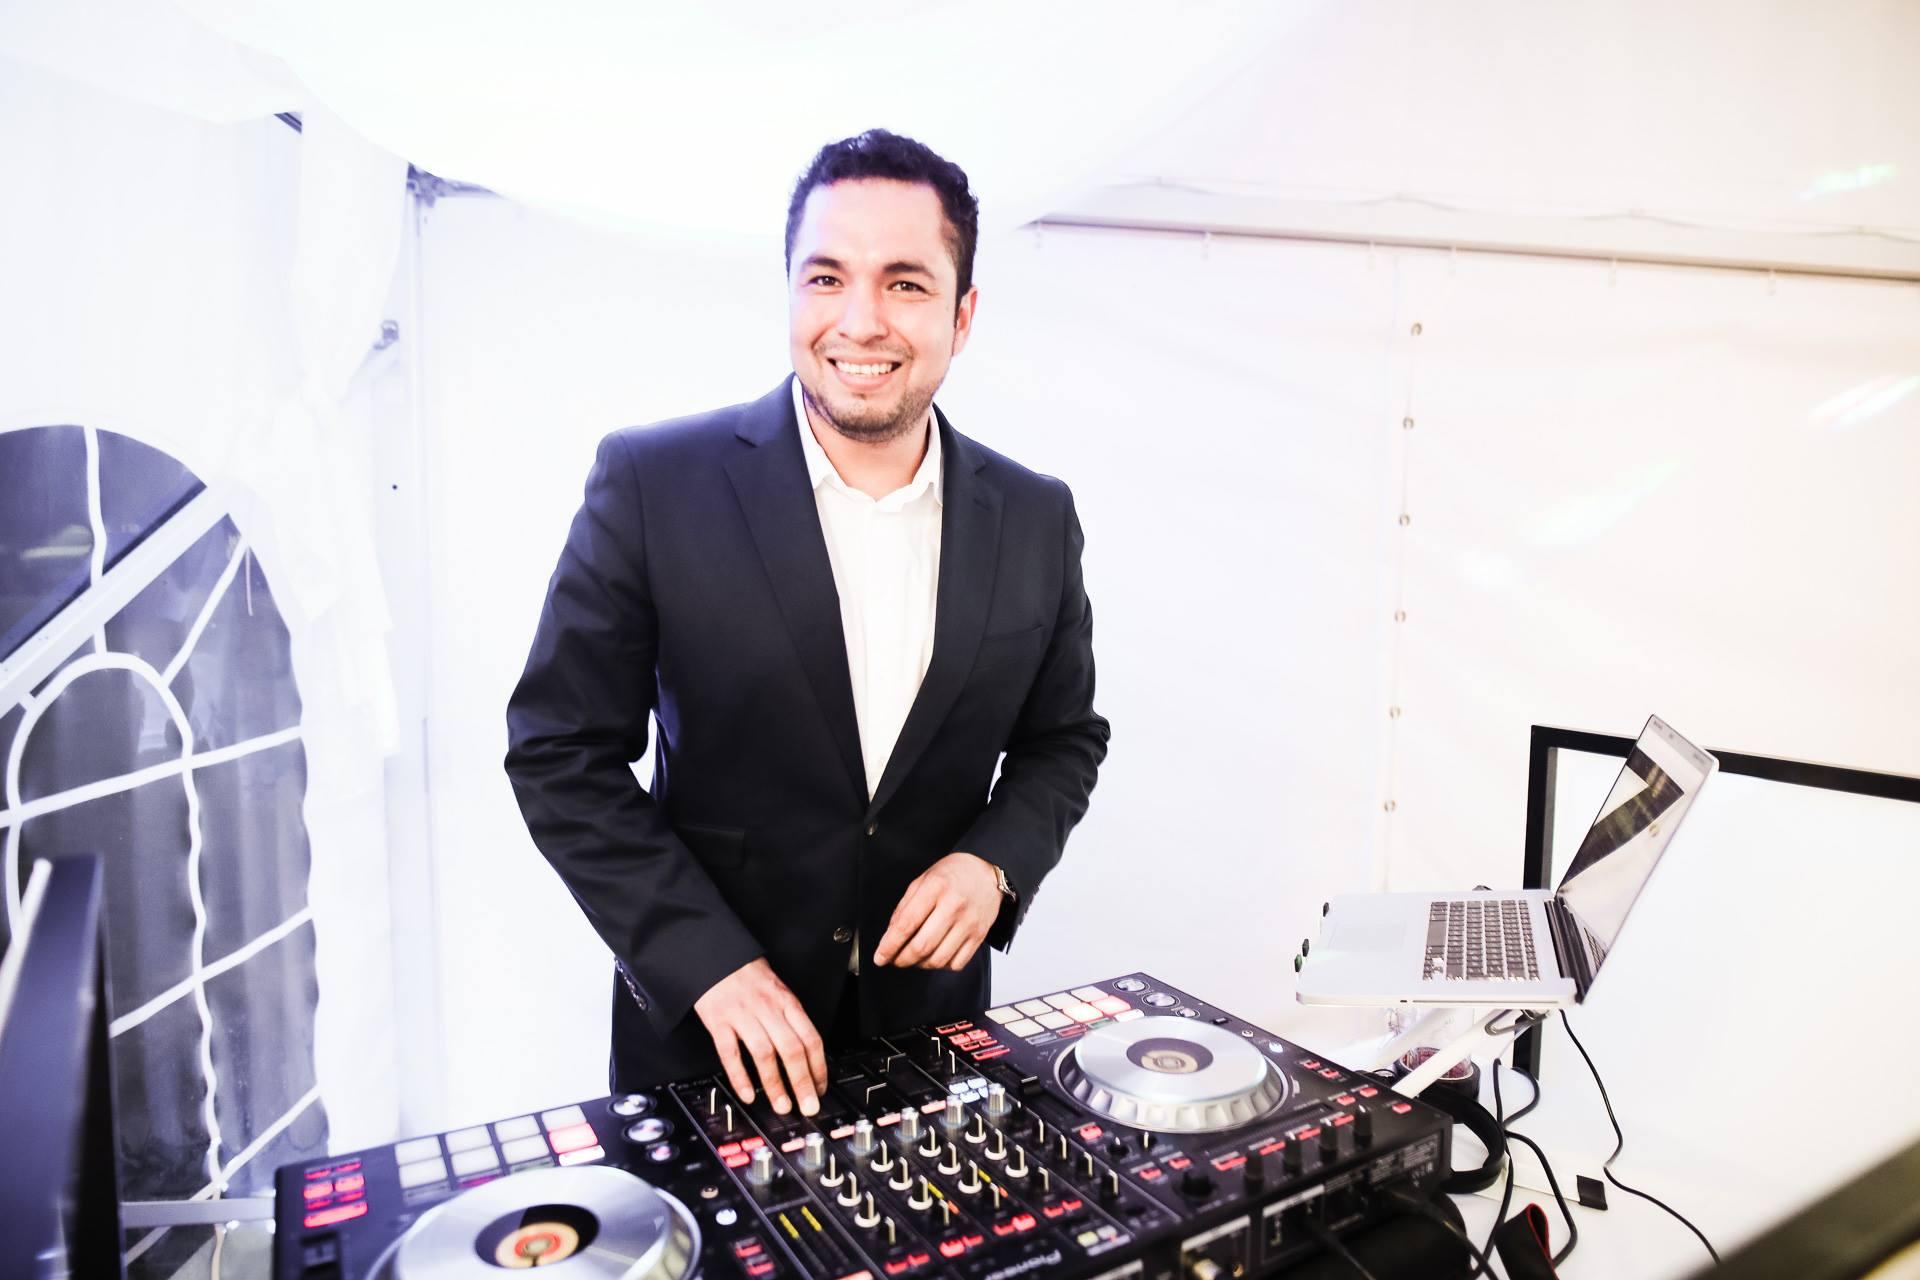 Hochzeits-DJ Freddy Arévalo / DJ-Empfehlung / Hochzeit auf dem Landgut Walkemühle / Photo by Dennis Jagusiak